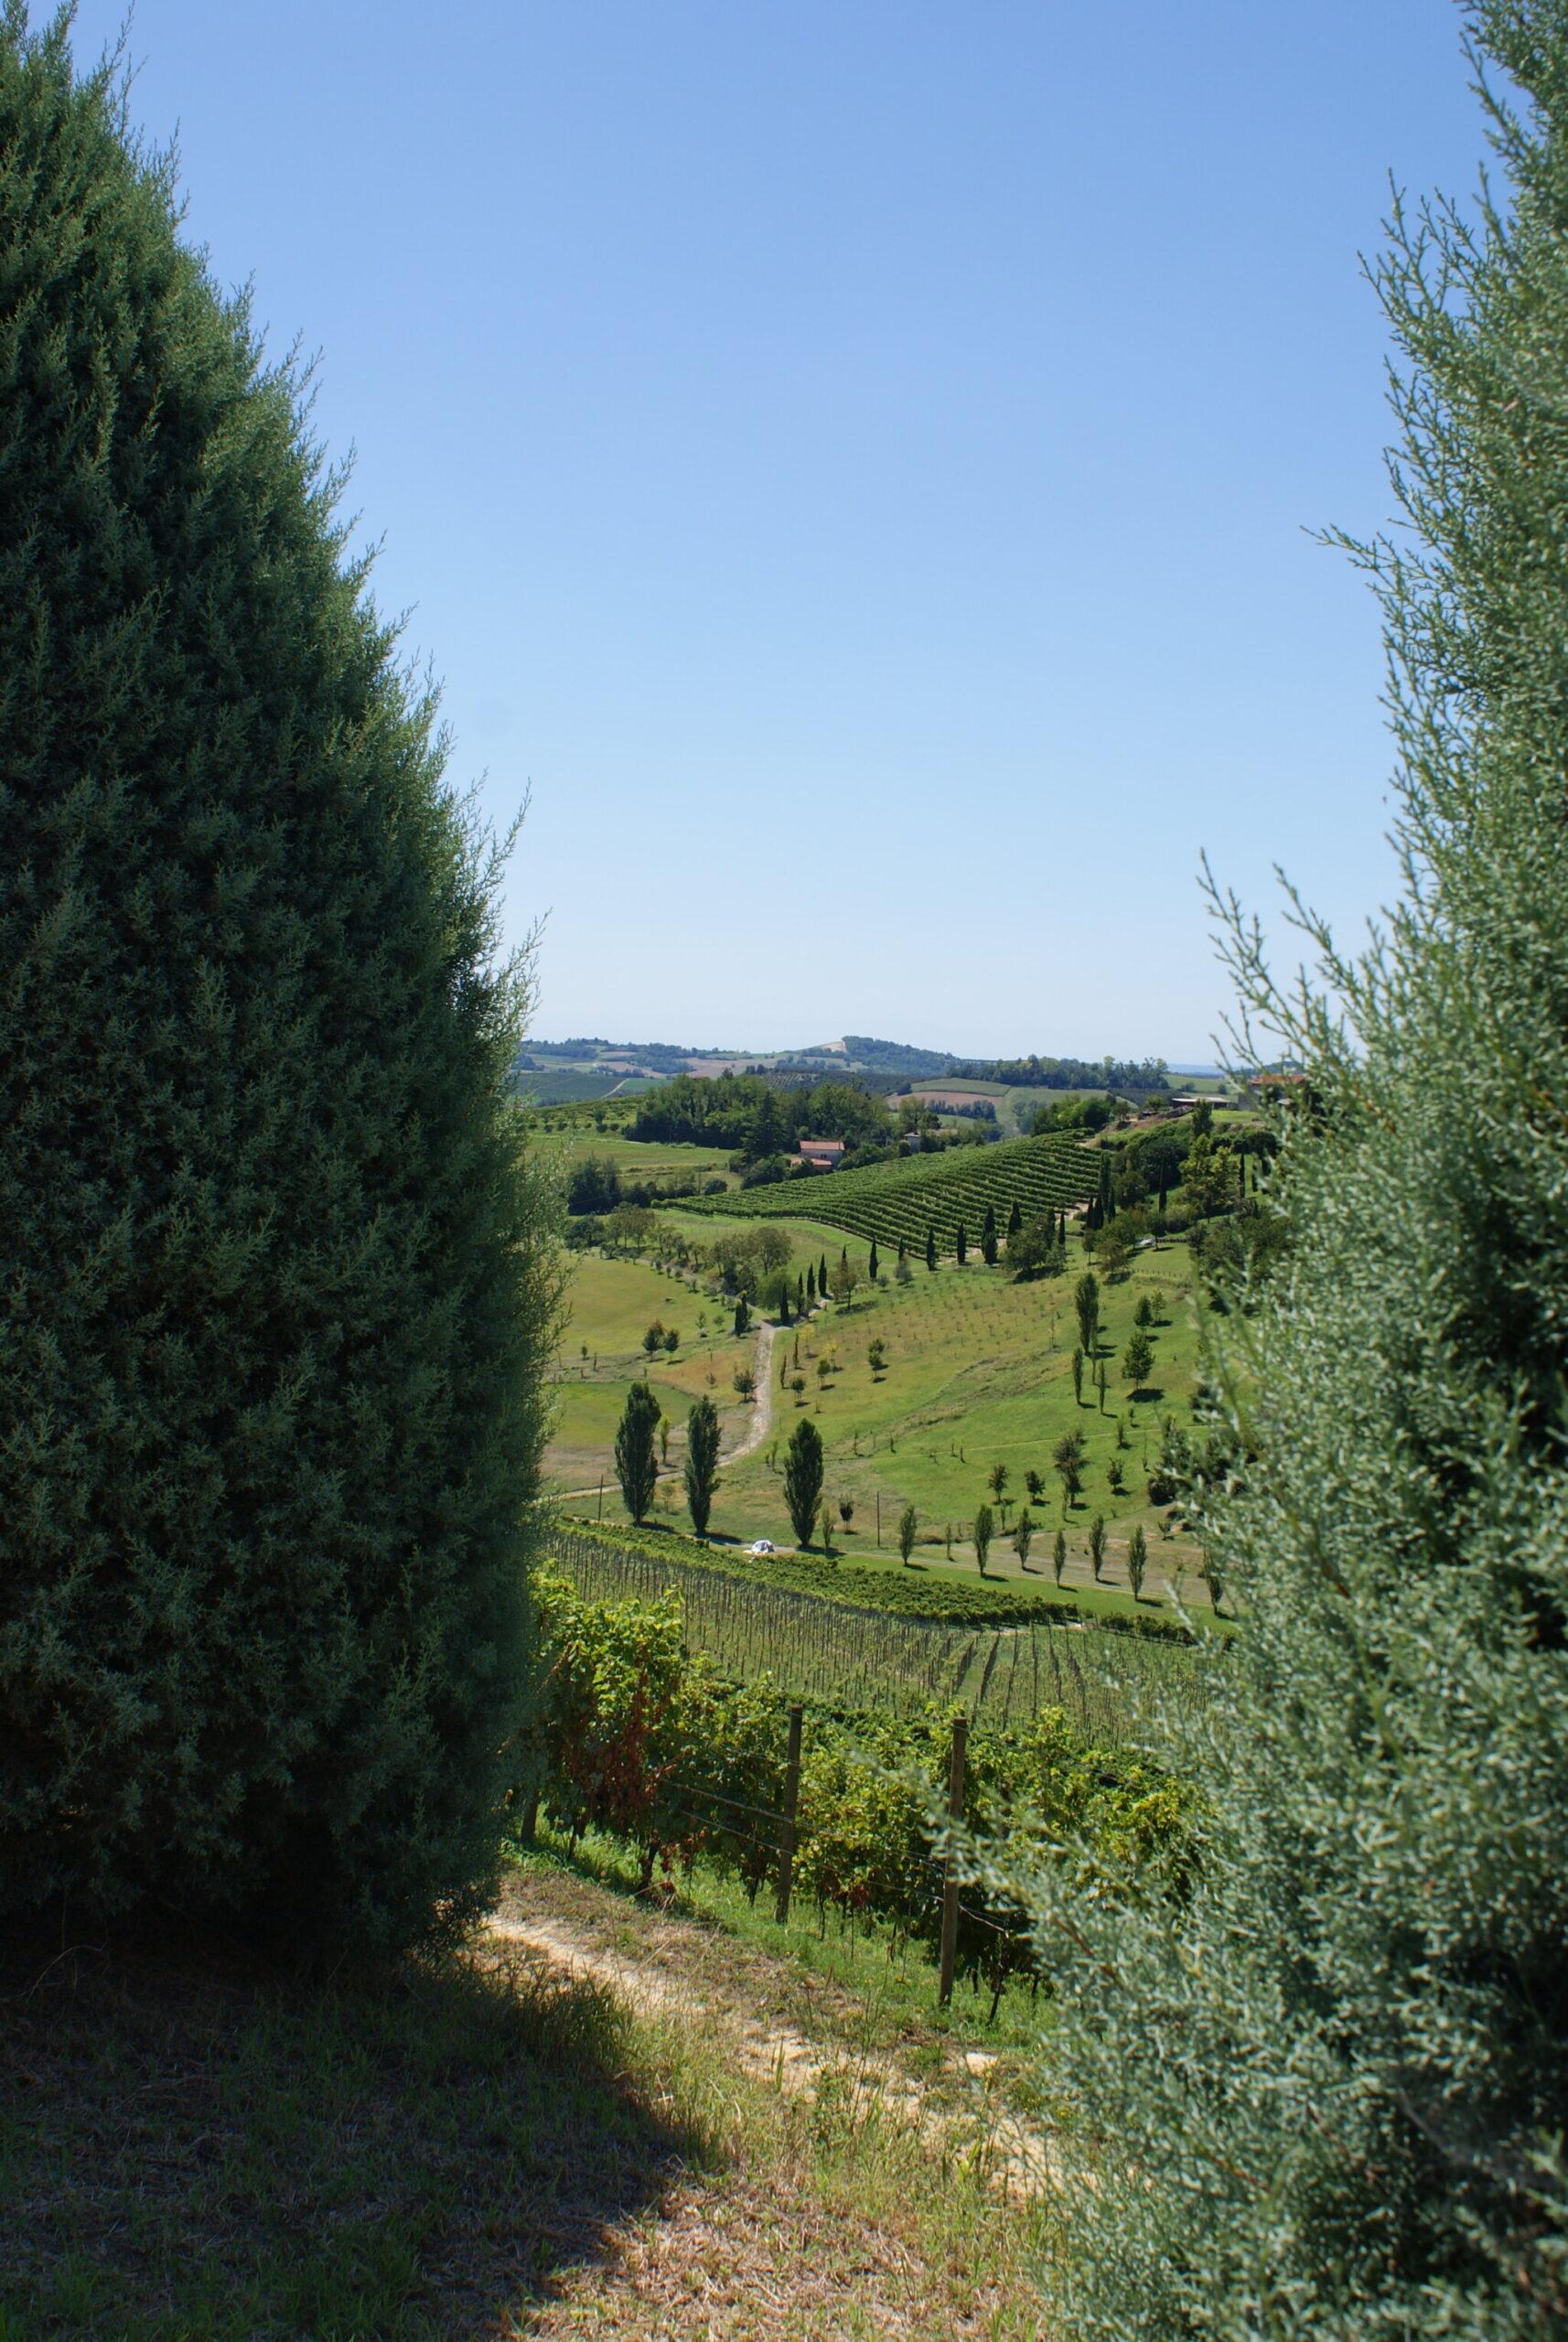 monferrato travel guide piemonte italy piedmont tips eat see do guida viaggio vedere mangiare fare turismo tourism trip francinesplaceblog grazzano badoglio